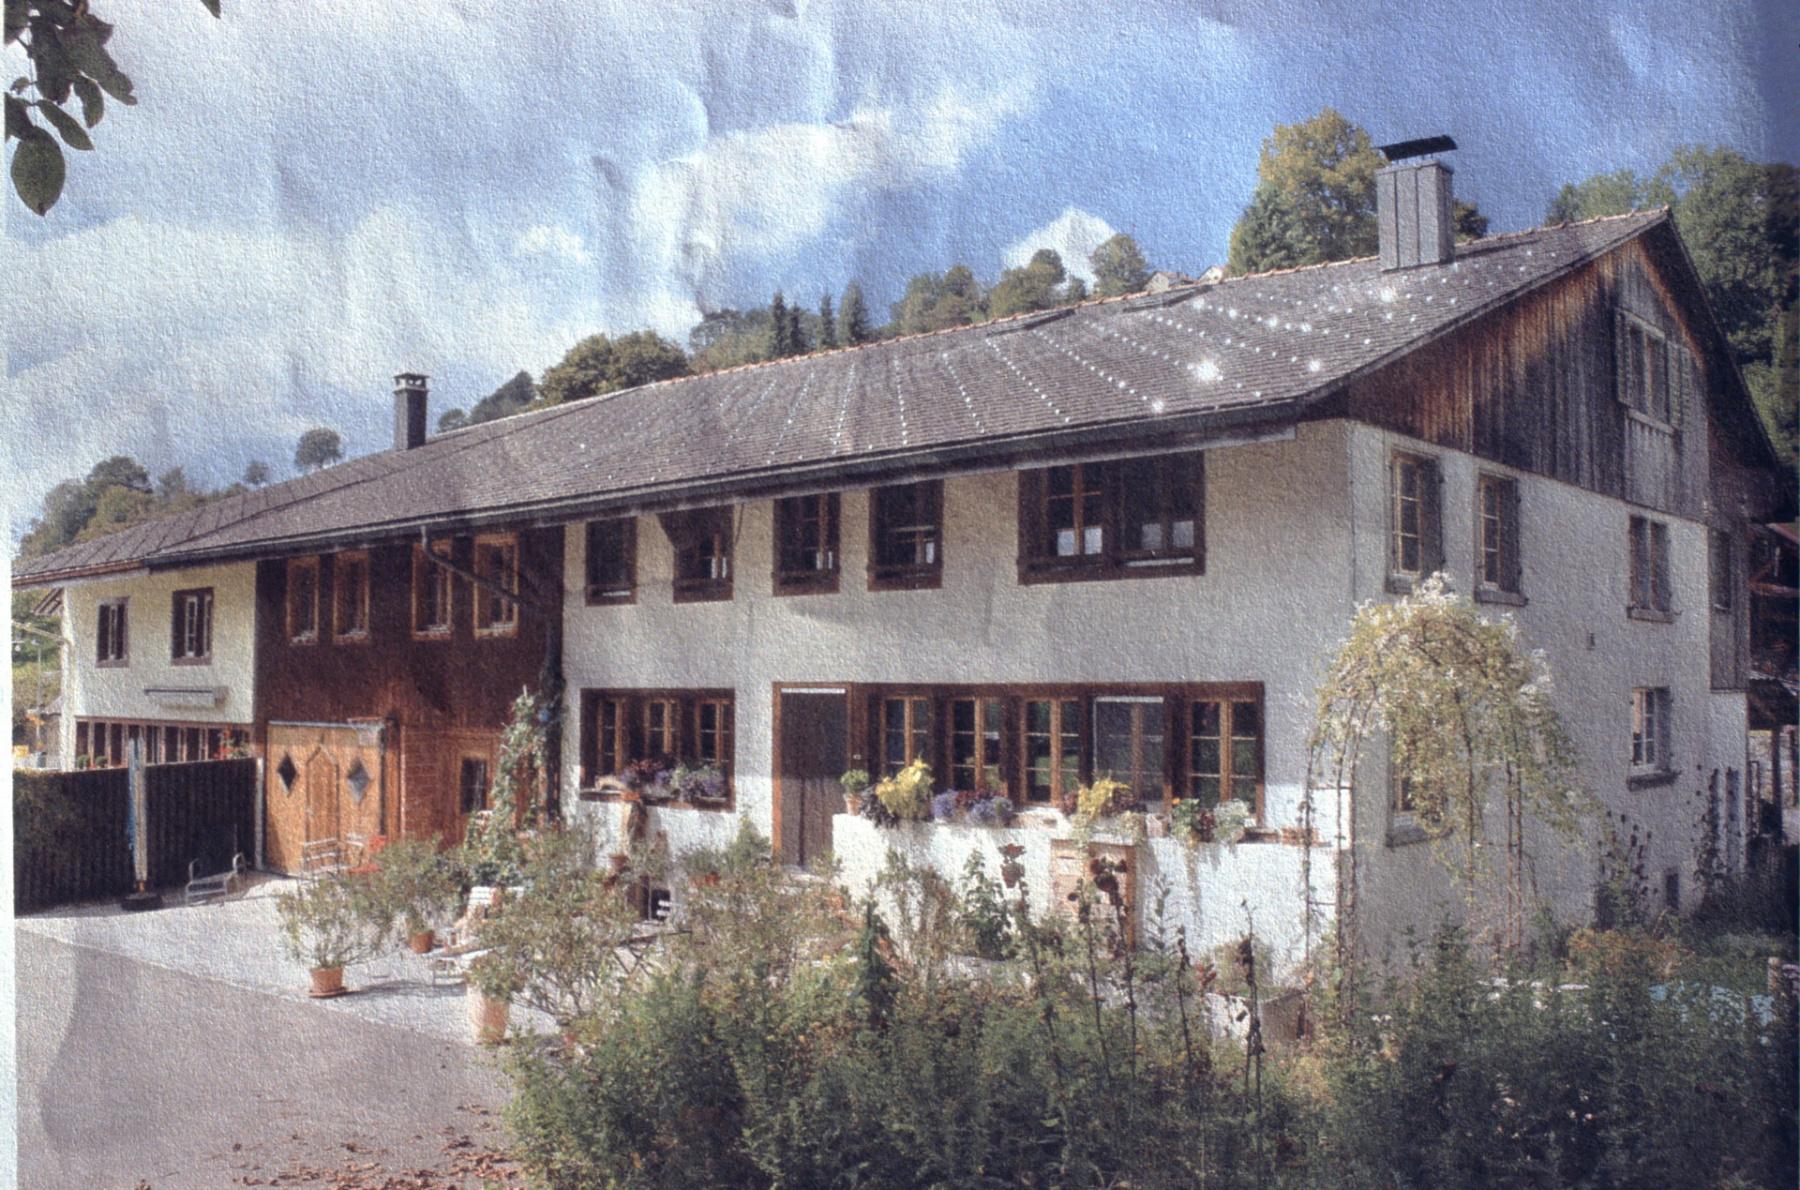 Flarz Brunner, Walder Kopie von digit. Aufnahme